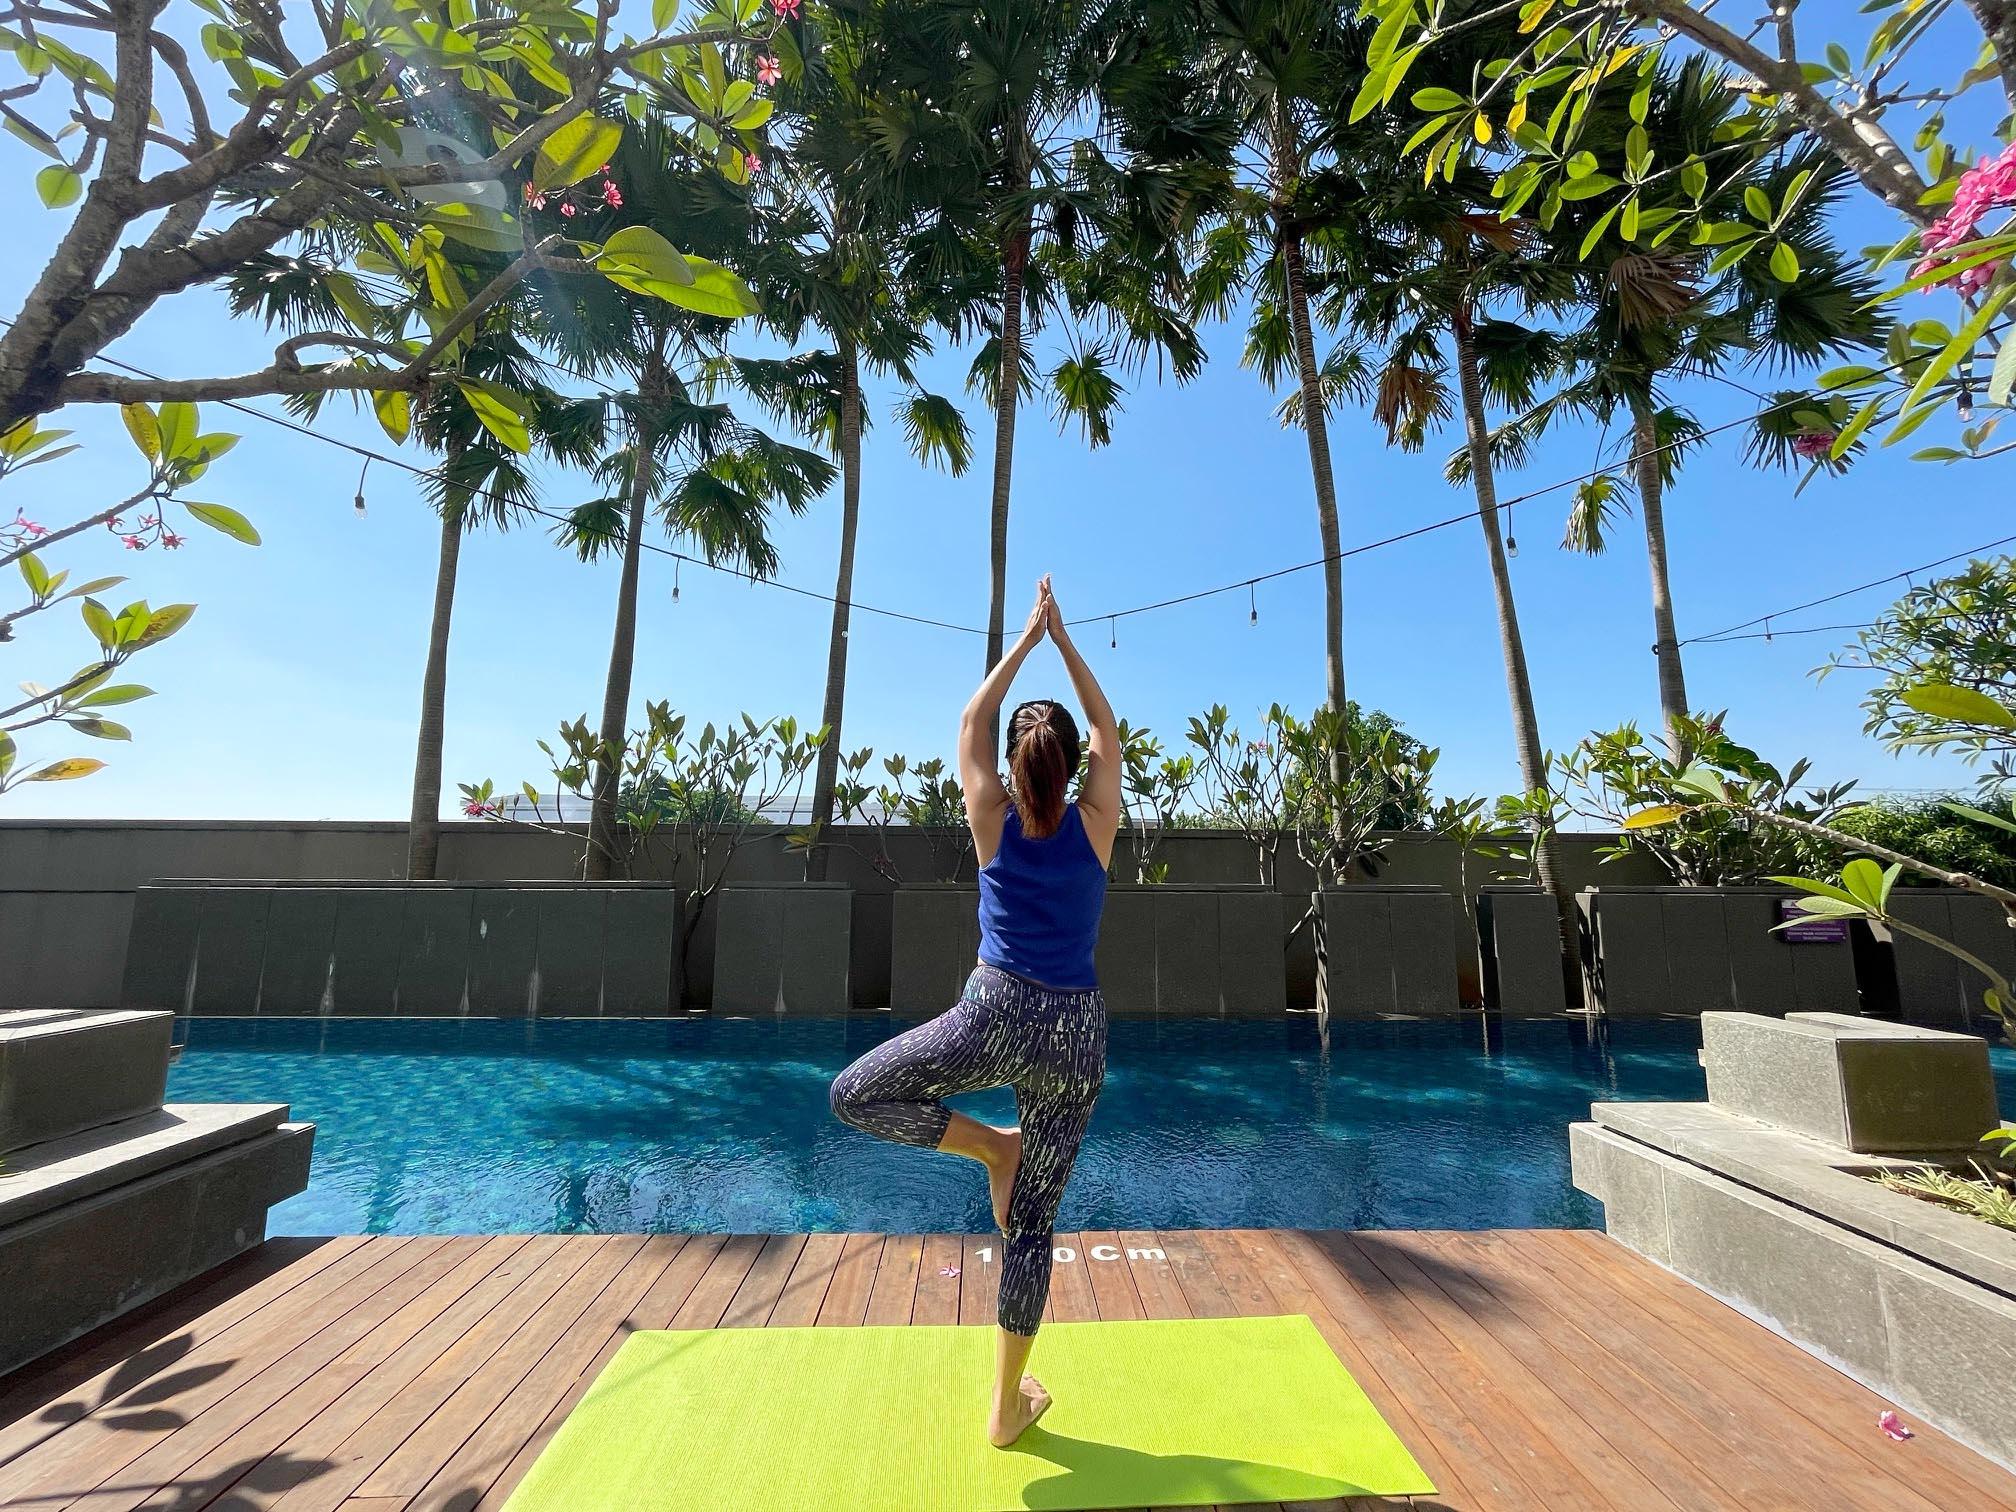 Yoga dengan view yang menyejukkan hati